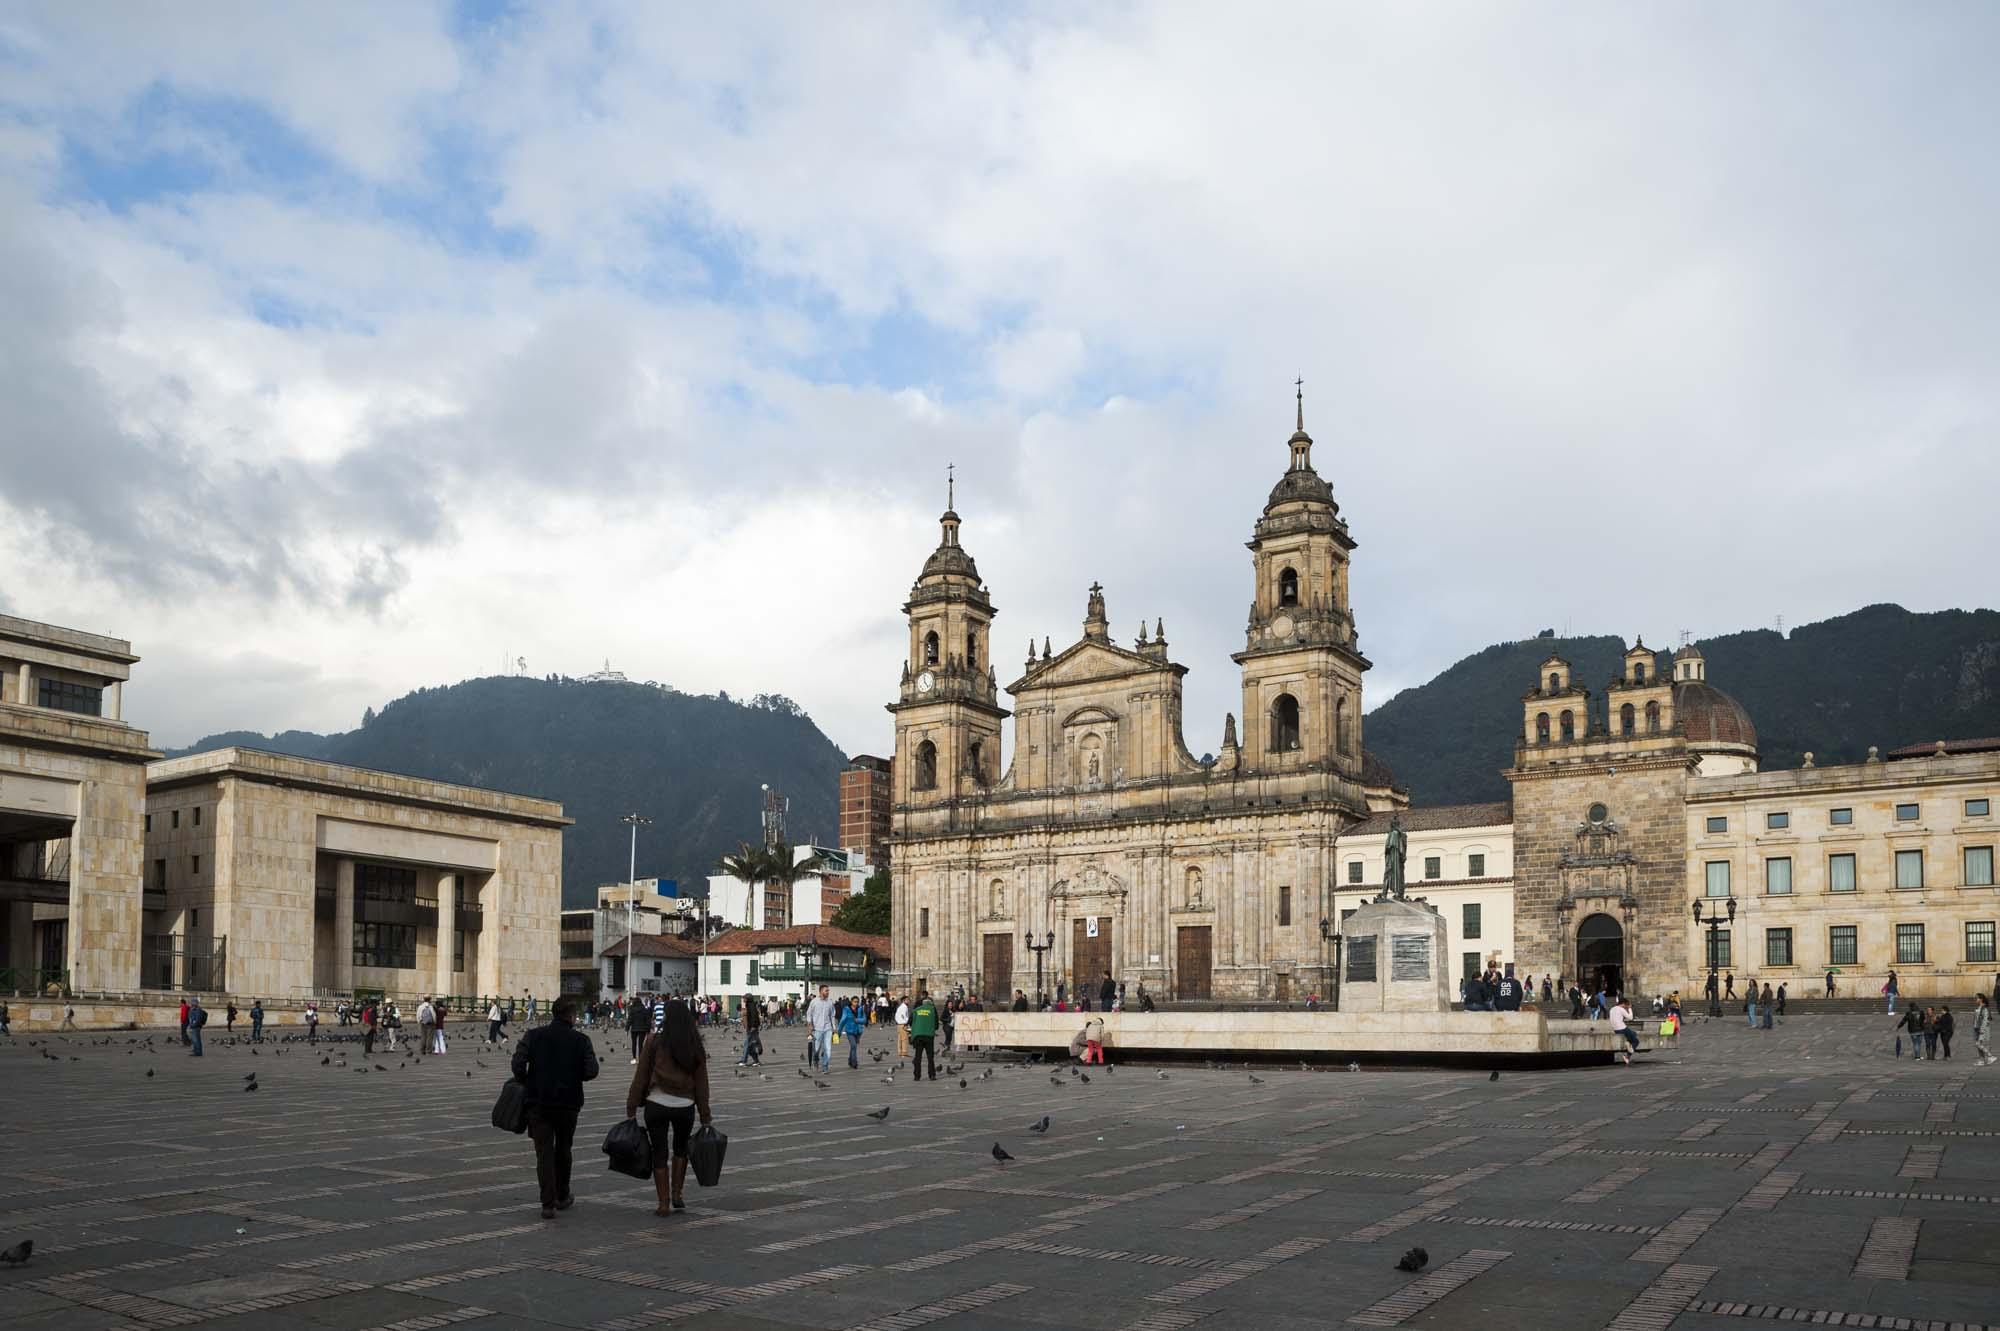 kolumbija kolumbija glavni grad kolumbija mapa kolumbija broj stanovnika kolumbija gradovi putovanja putovanja info putovanja info forum srbi u inostranstvu